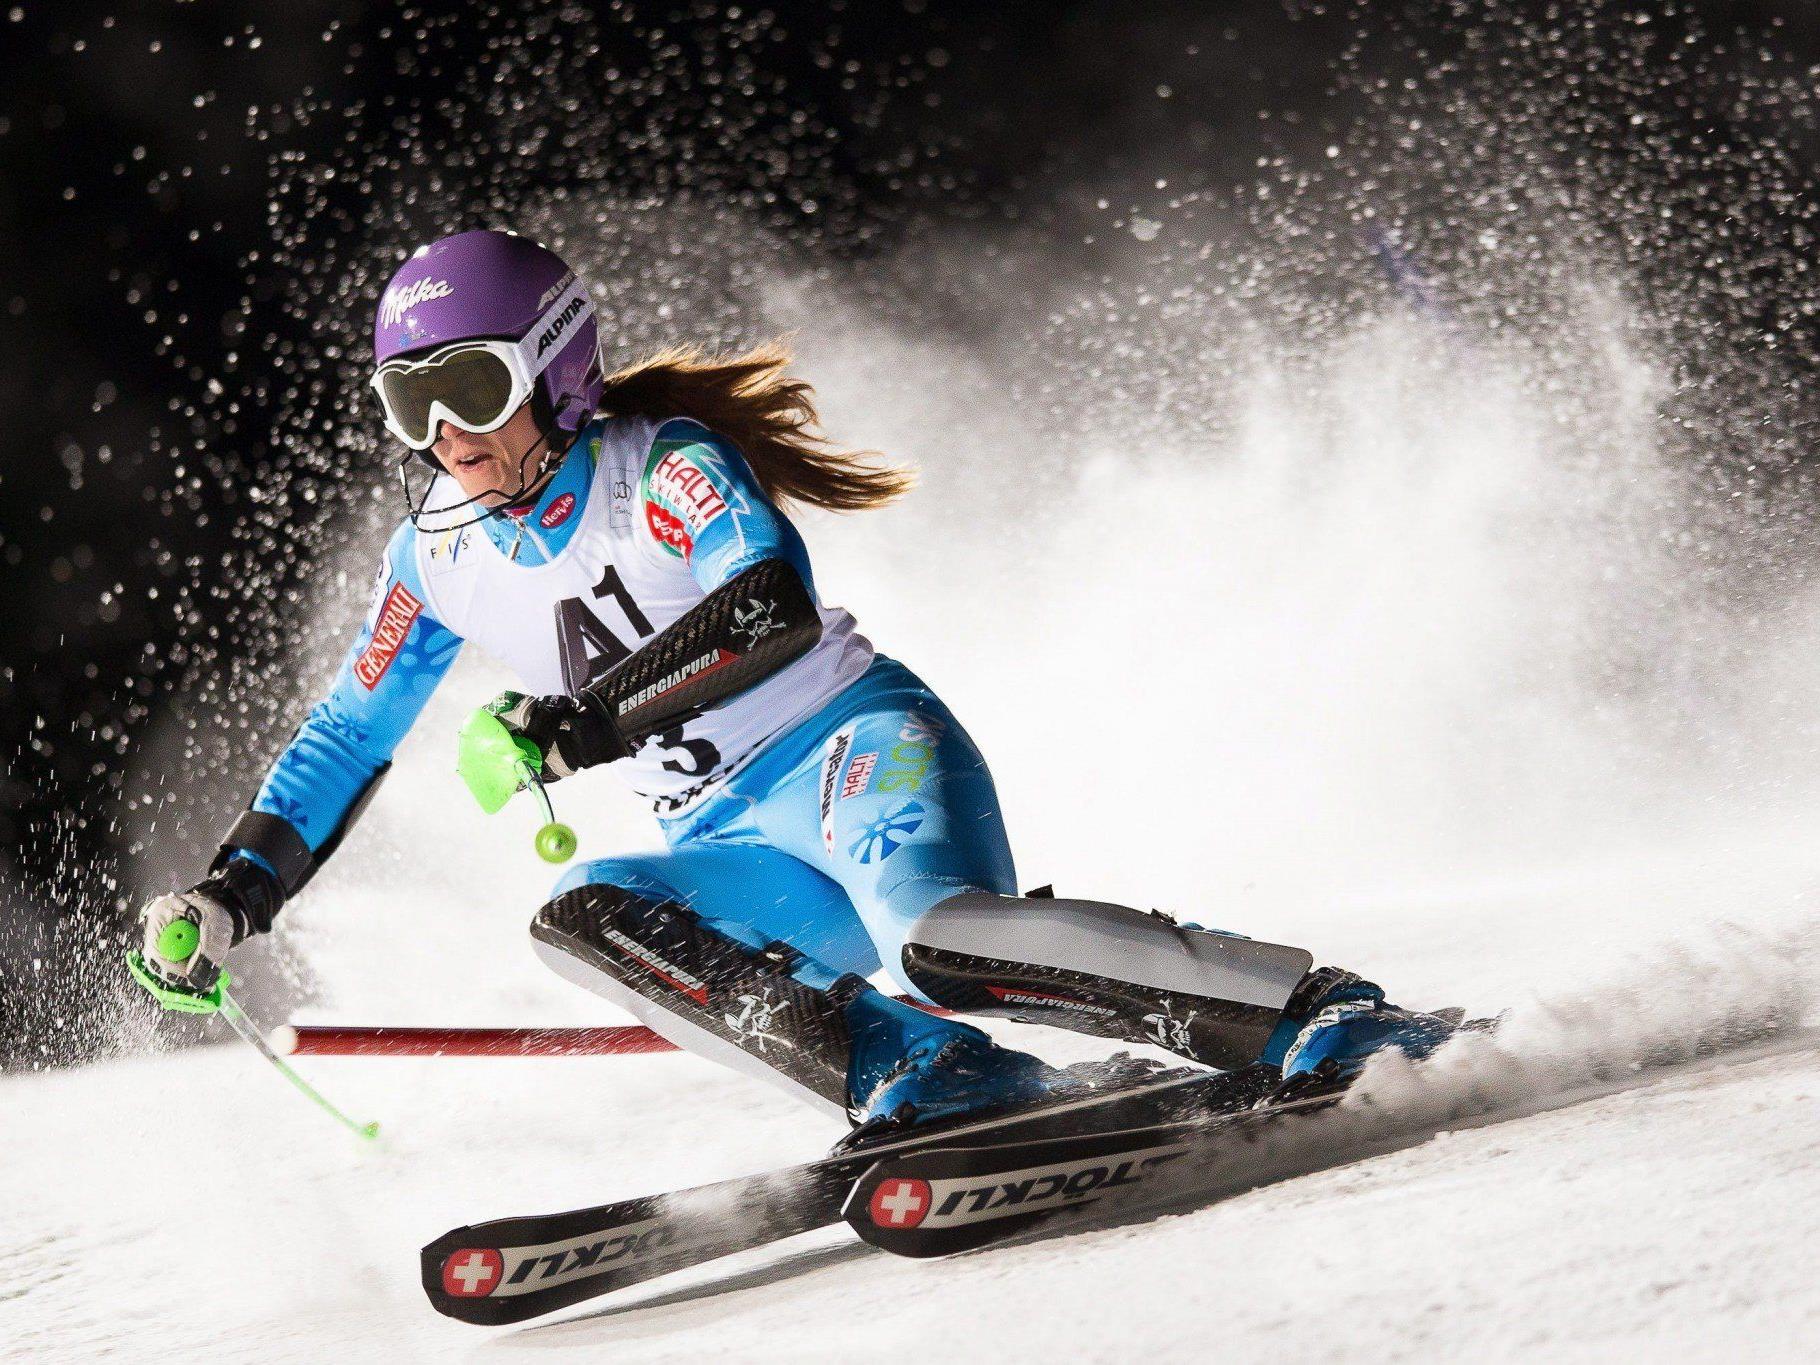 Für Tina Maze geht es um wichtige Punkte für den Slalom-Weltcup.